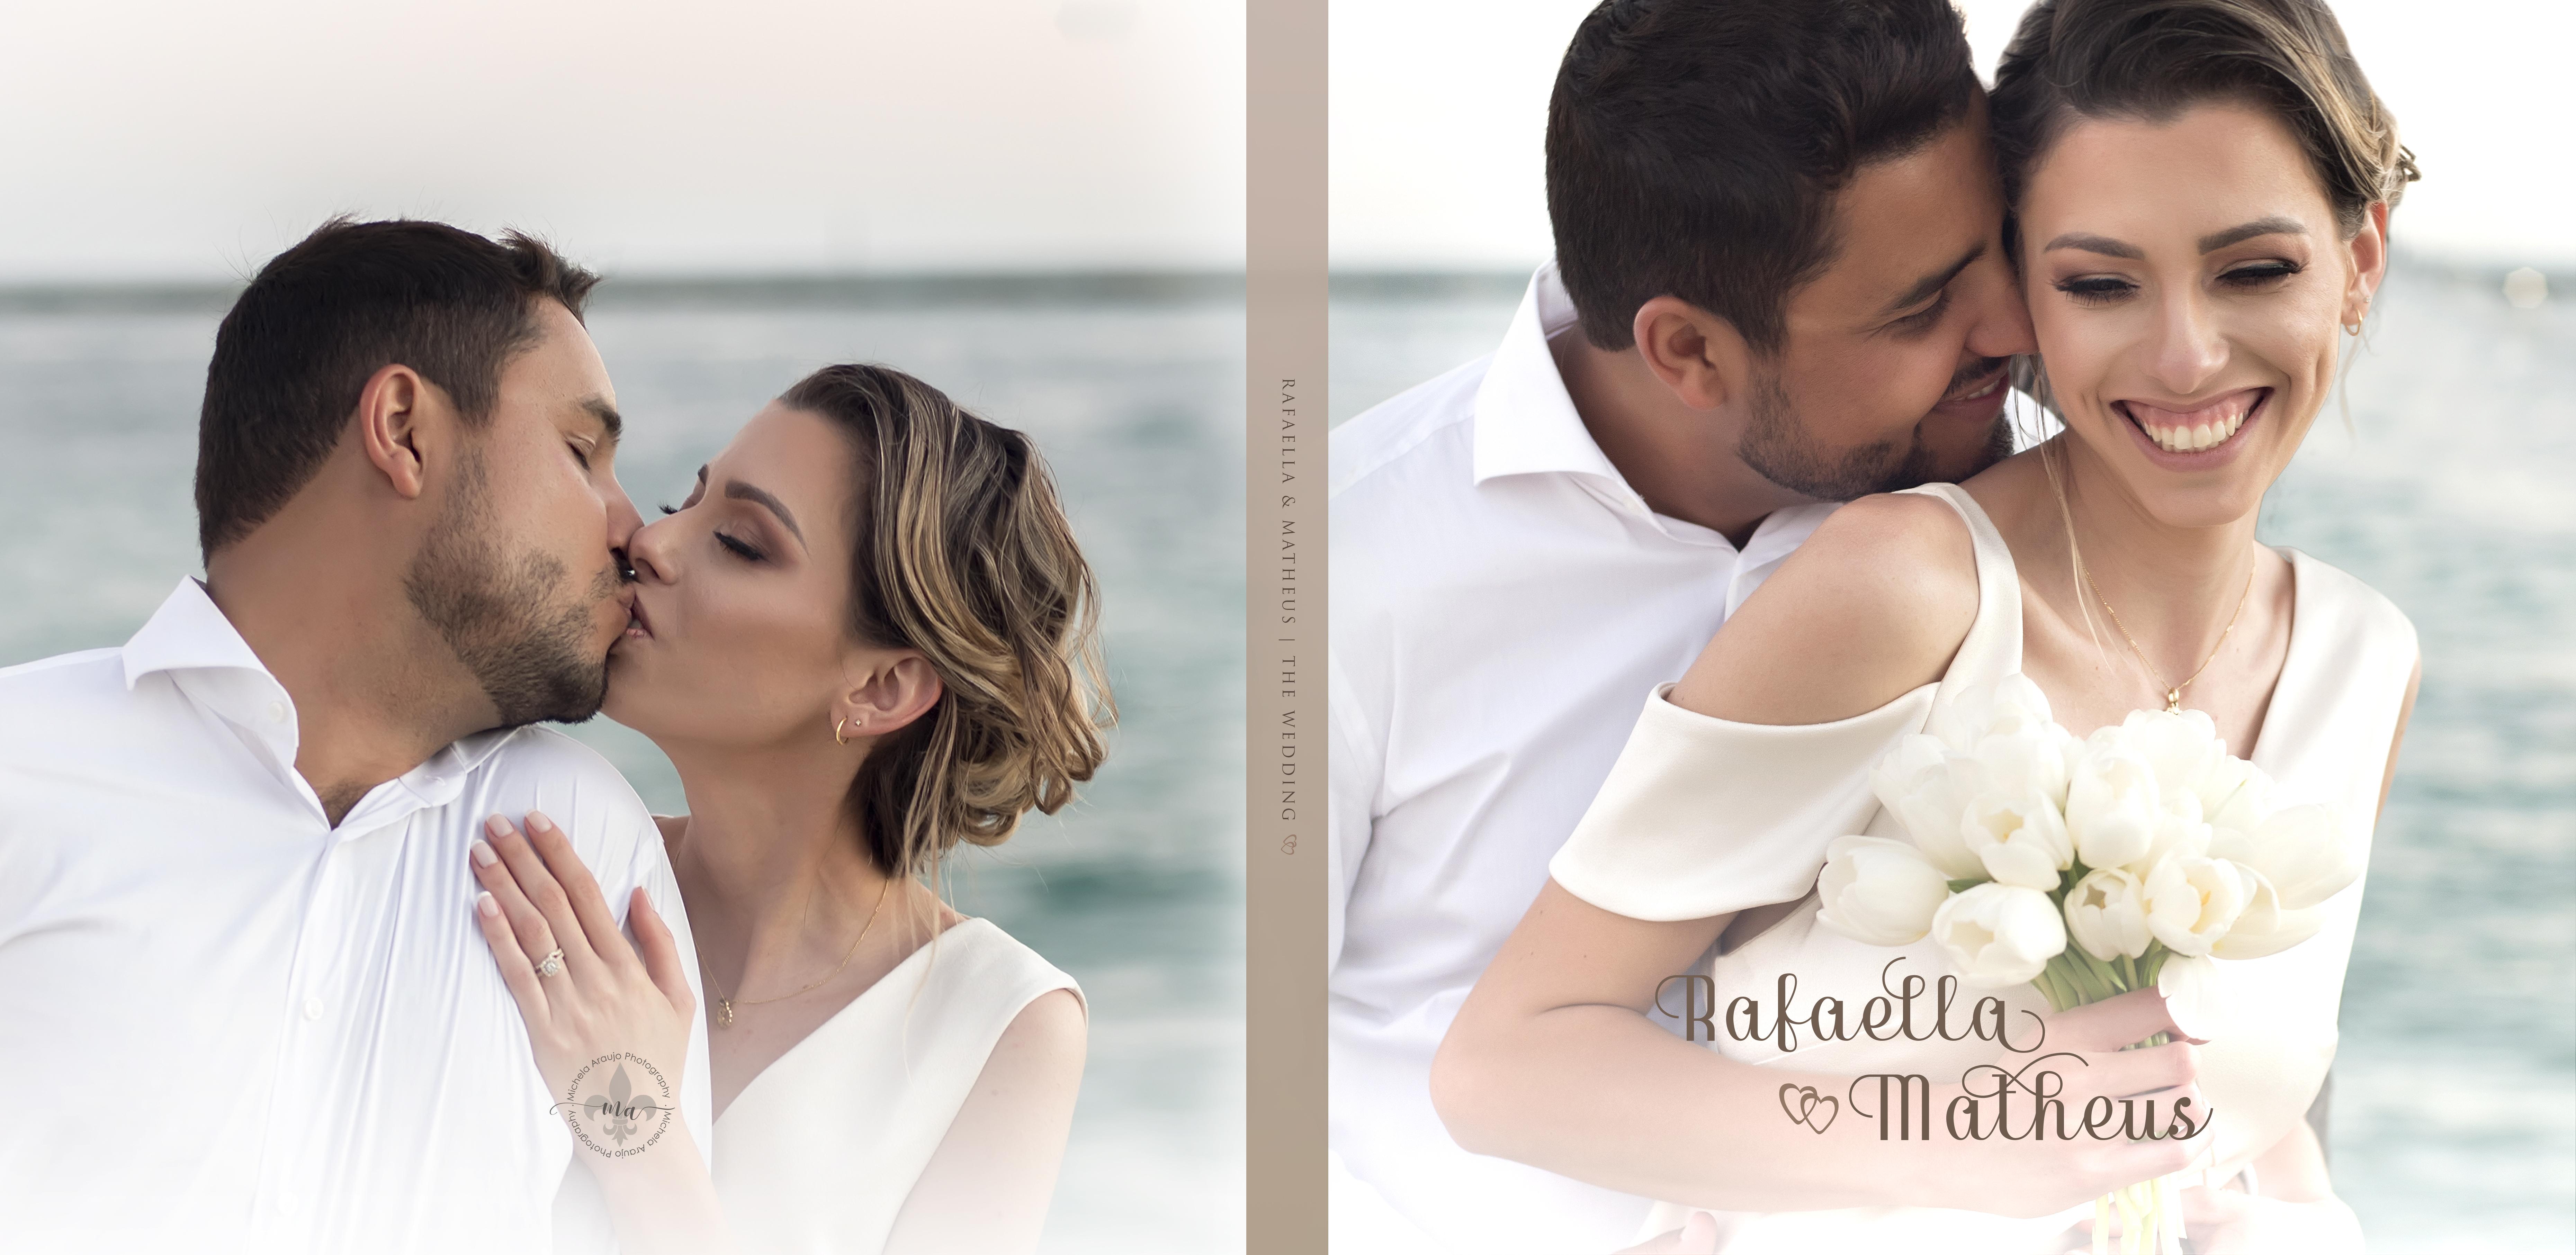 Álbum Rafaela & Matheus 001 (Sides 1-2)